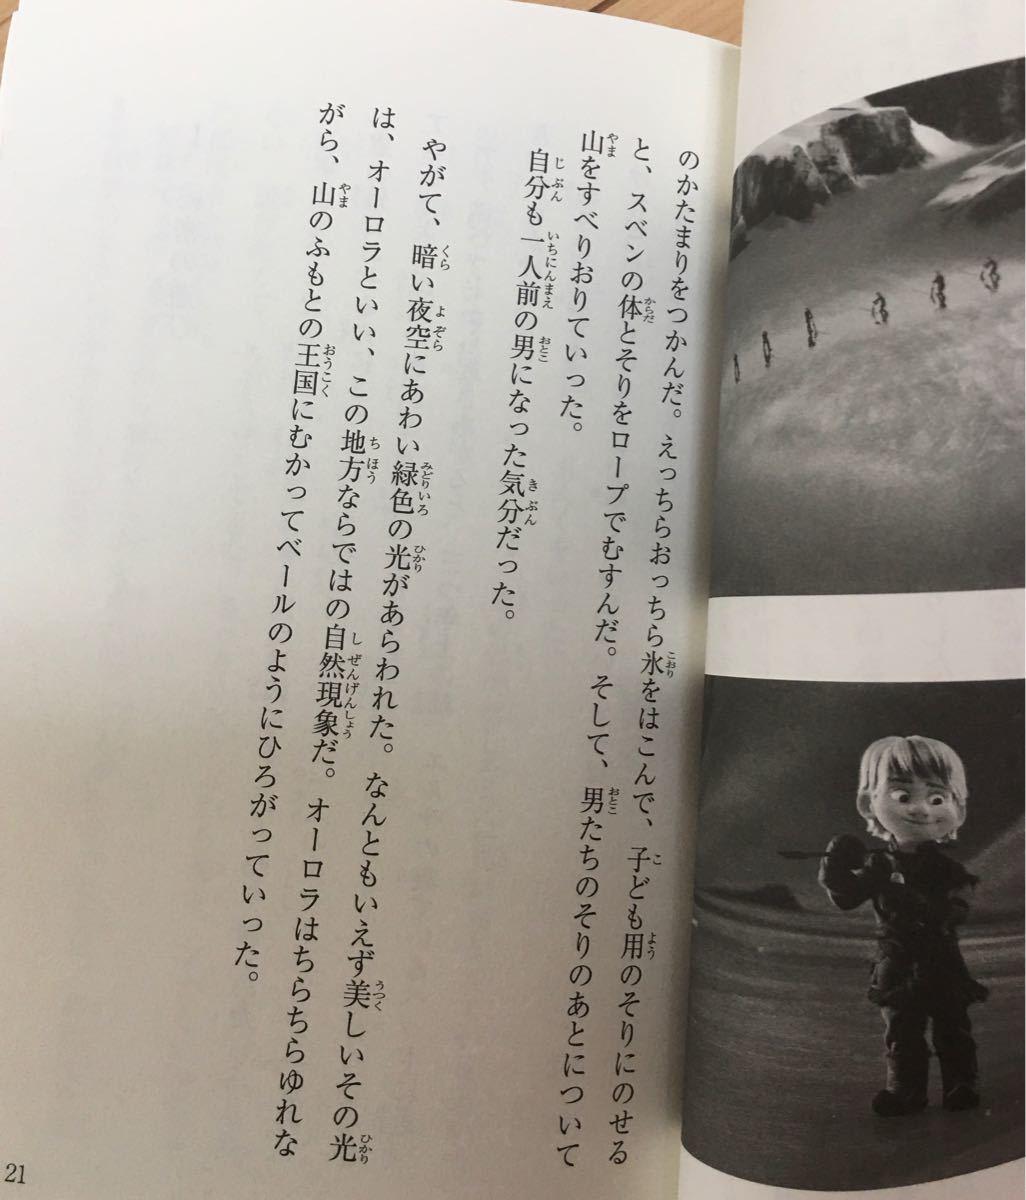 アナと雪の女王 Frozen 3点セット 日本語単行本 豪州DVD ワークブック